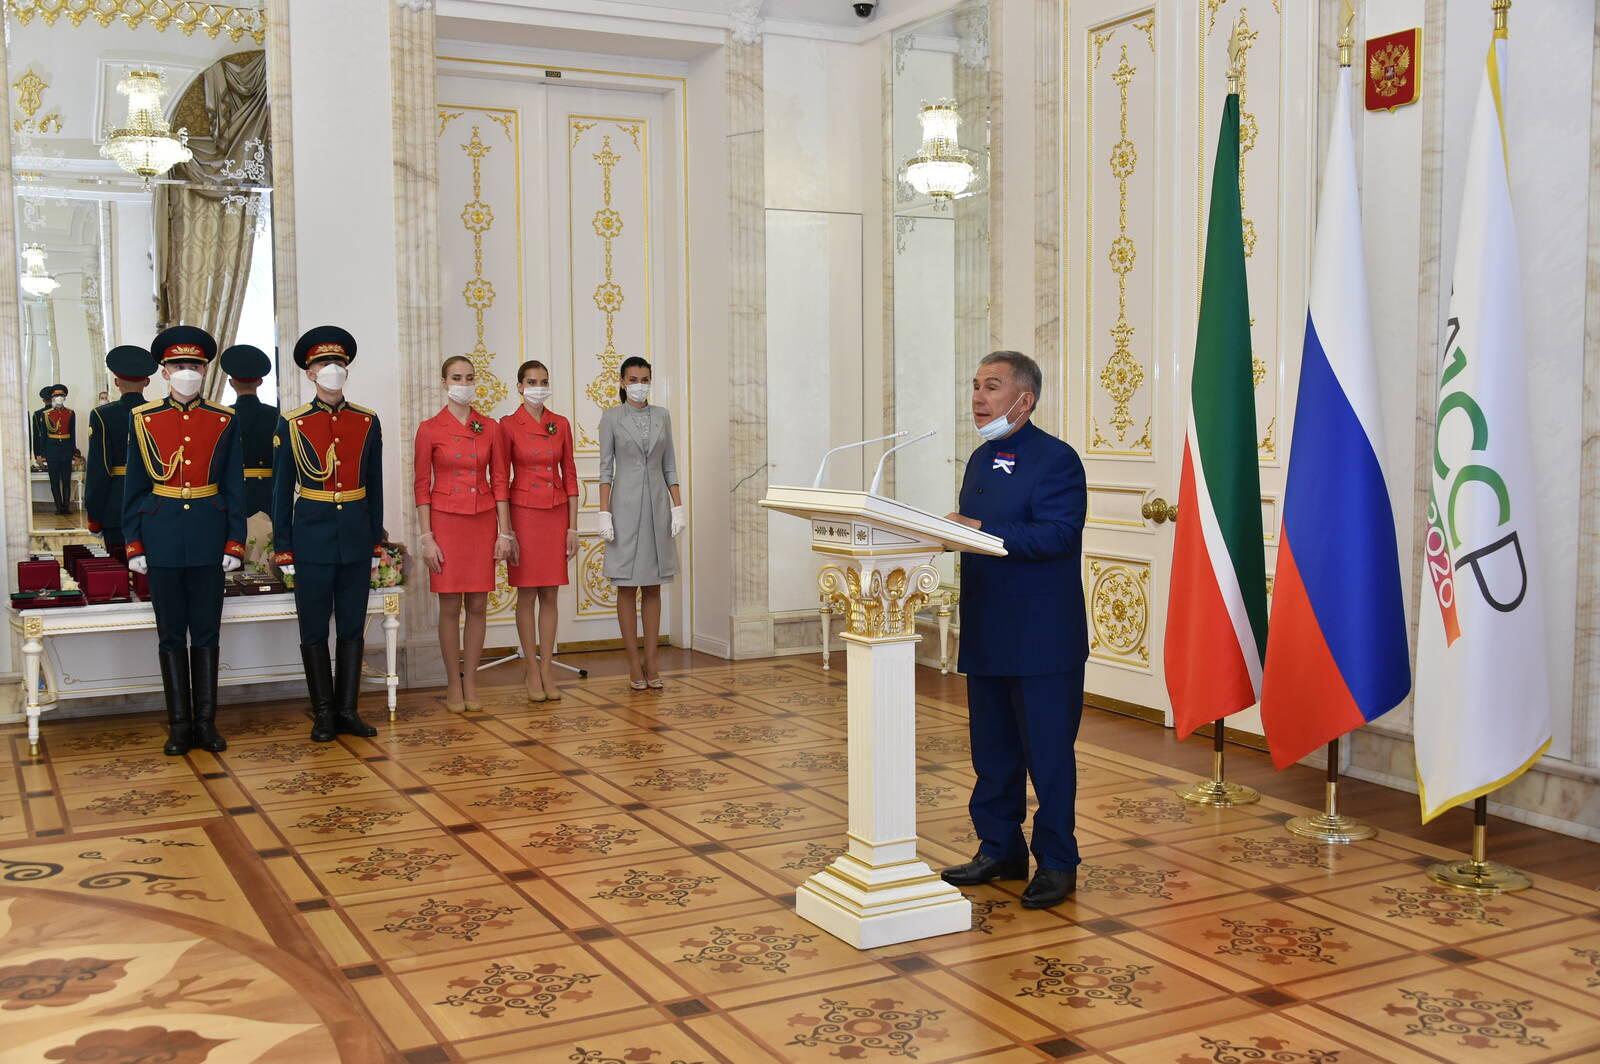 награждение кремль